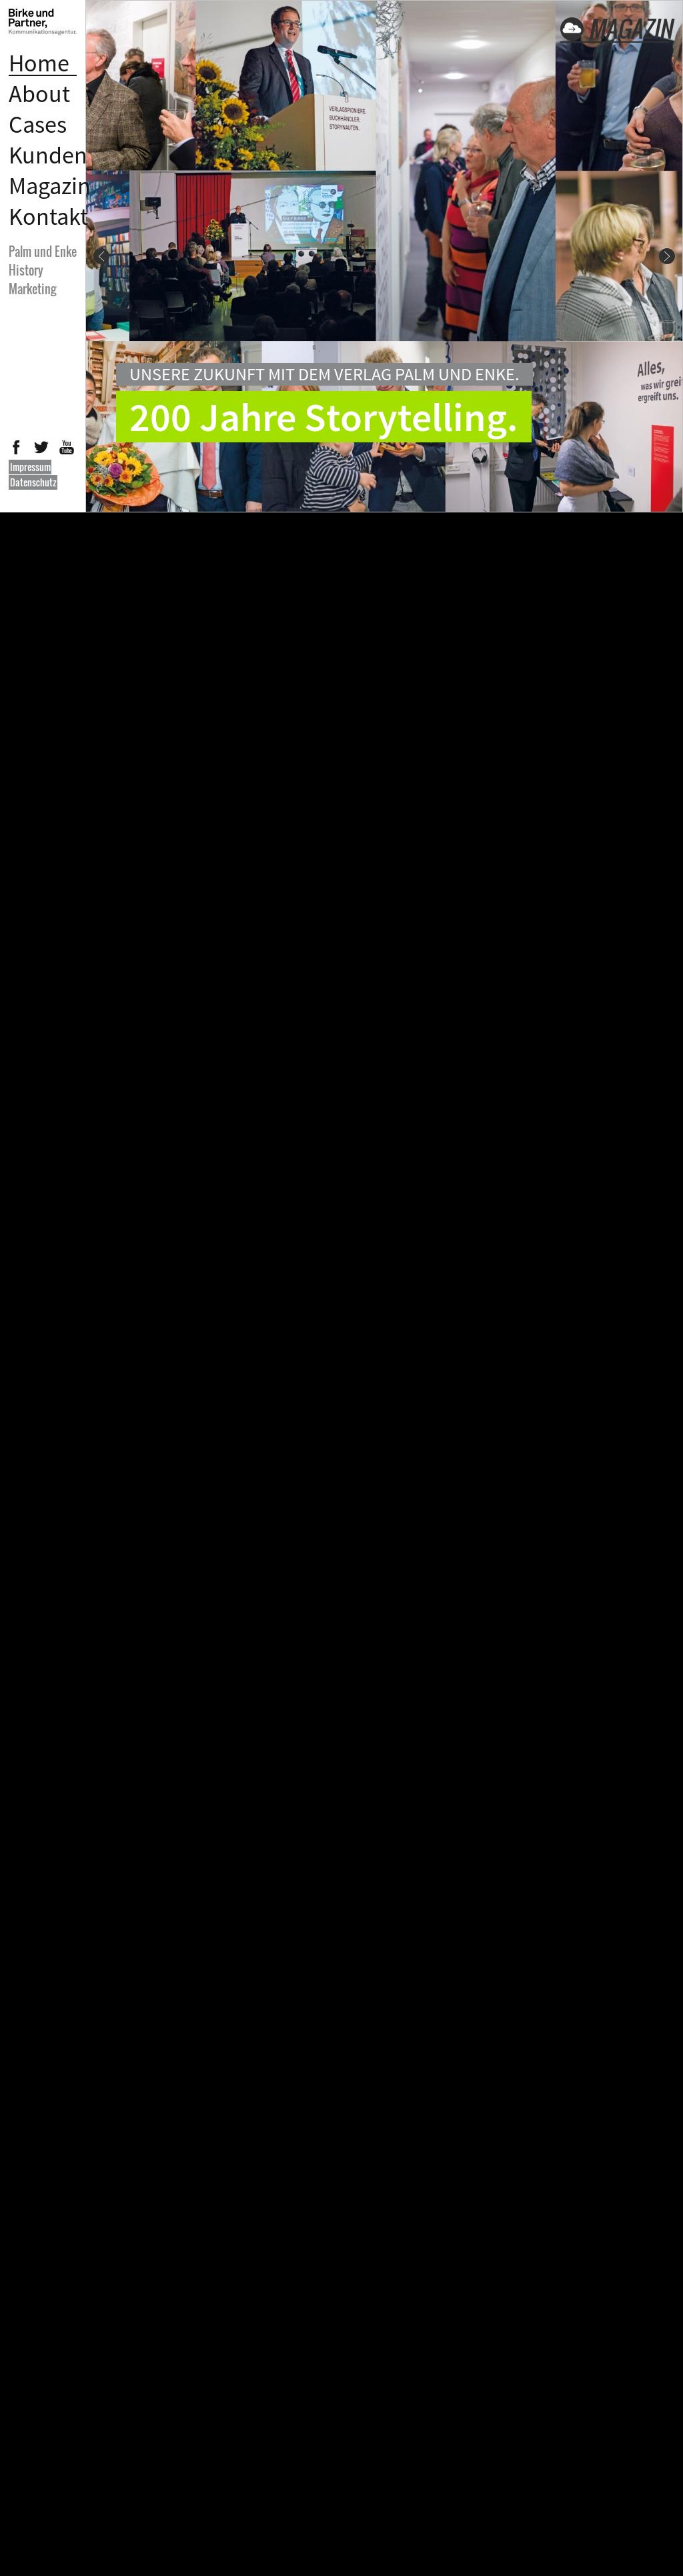 birke und partner